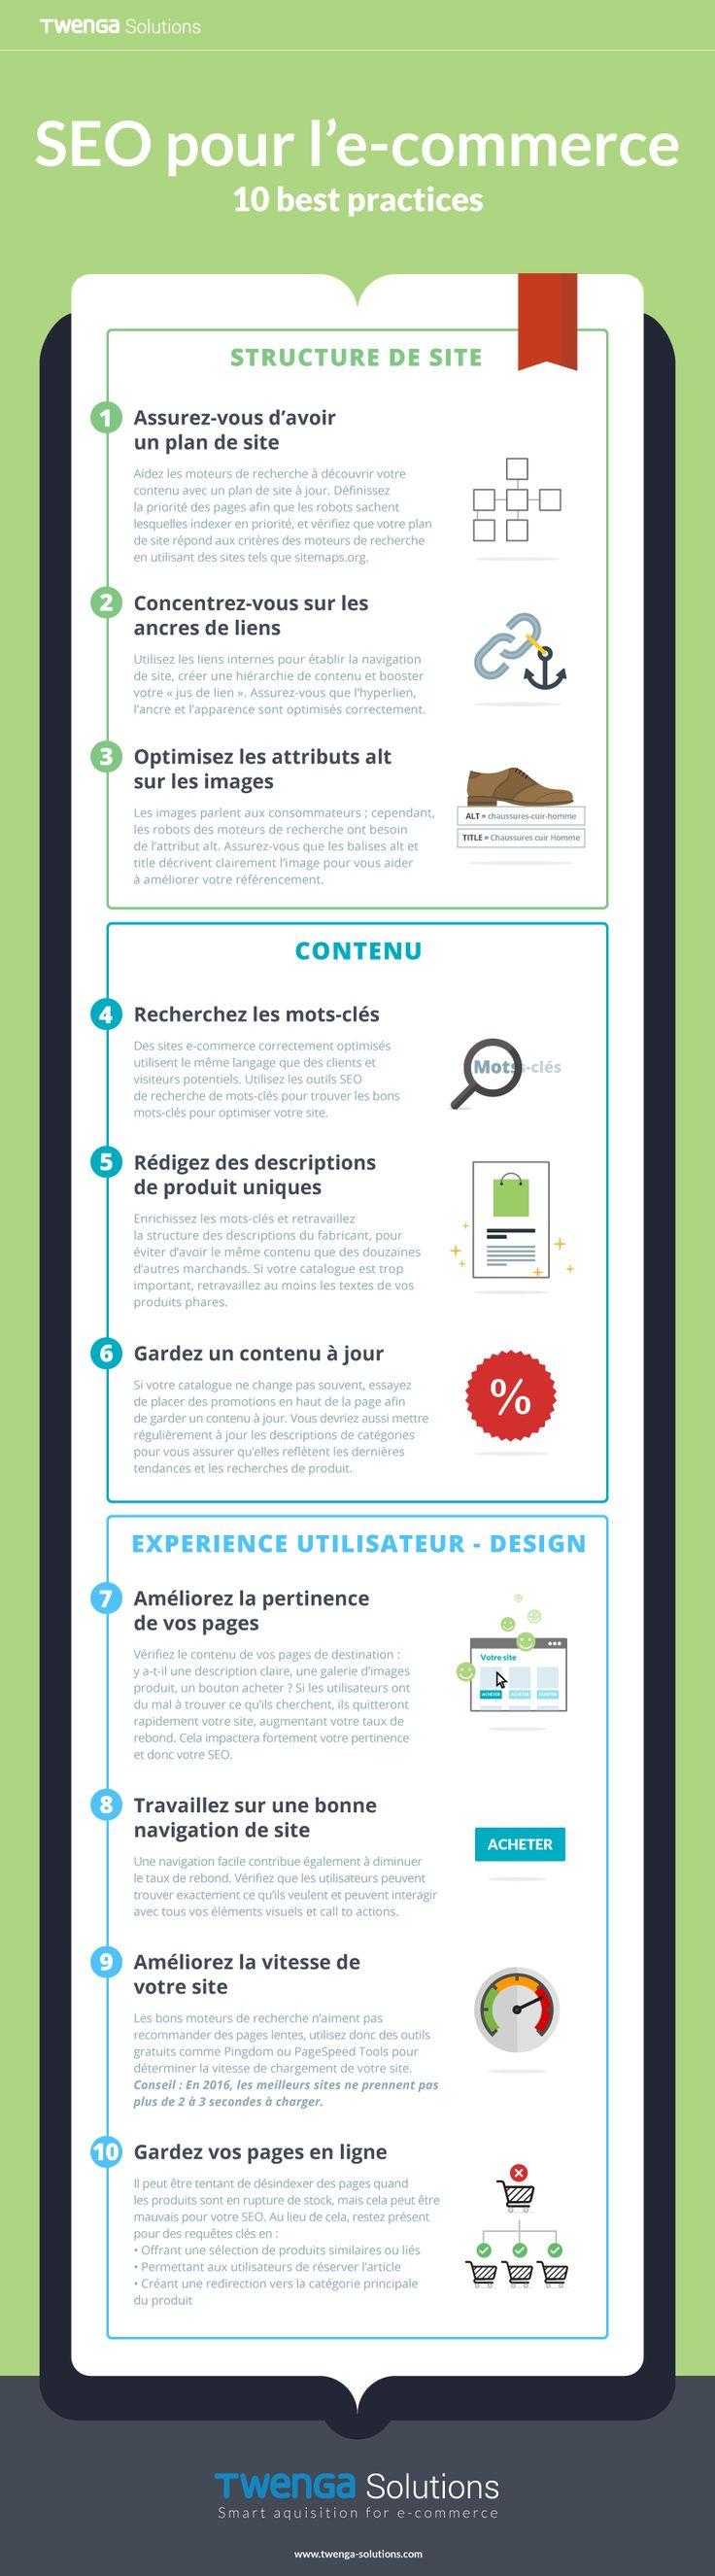 10 conseils pour améliorer le SEO de votre site e-commerce  1. Assurez-vous d'avoir un plan de site 2. Concentrez-vous sur les ancres de liens 3. Optimisez les attributs alt sur les images 4. Recherchez les mots-clés 5. Rédigez des descriptions de produit uniques 6. Gardez un contenu à jour 7. Améliorez la pertinence de vos pages 8. Travaillez sur une bonne navigation de site 9. Améliorez la vitesse de votre site 10. Gardez vos pages en ligne